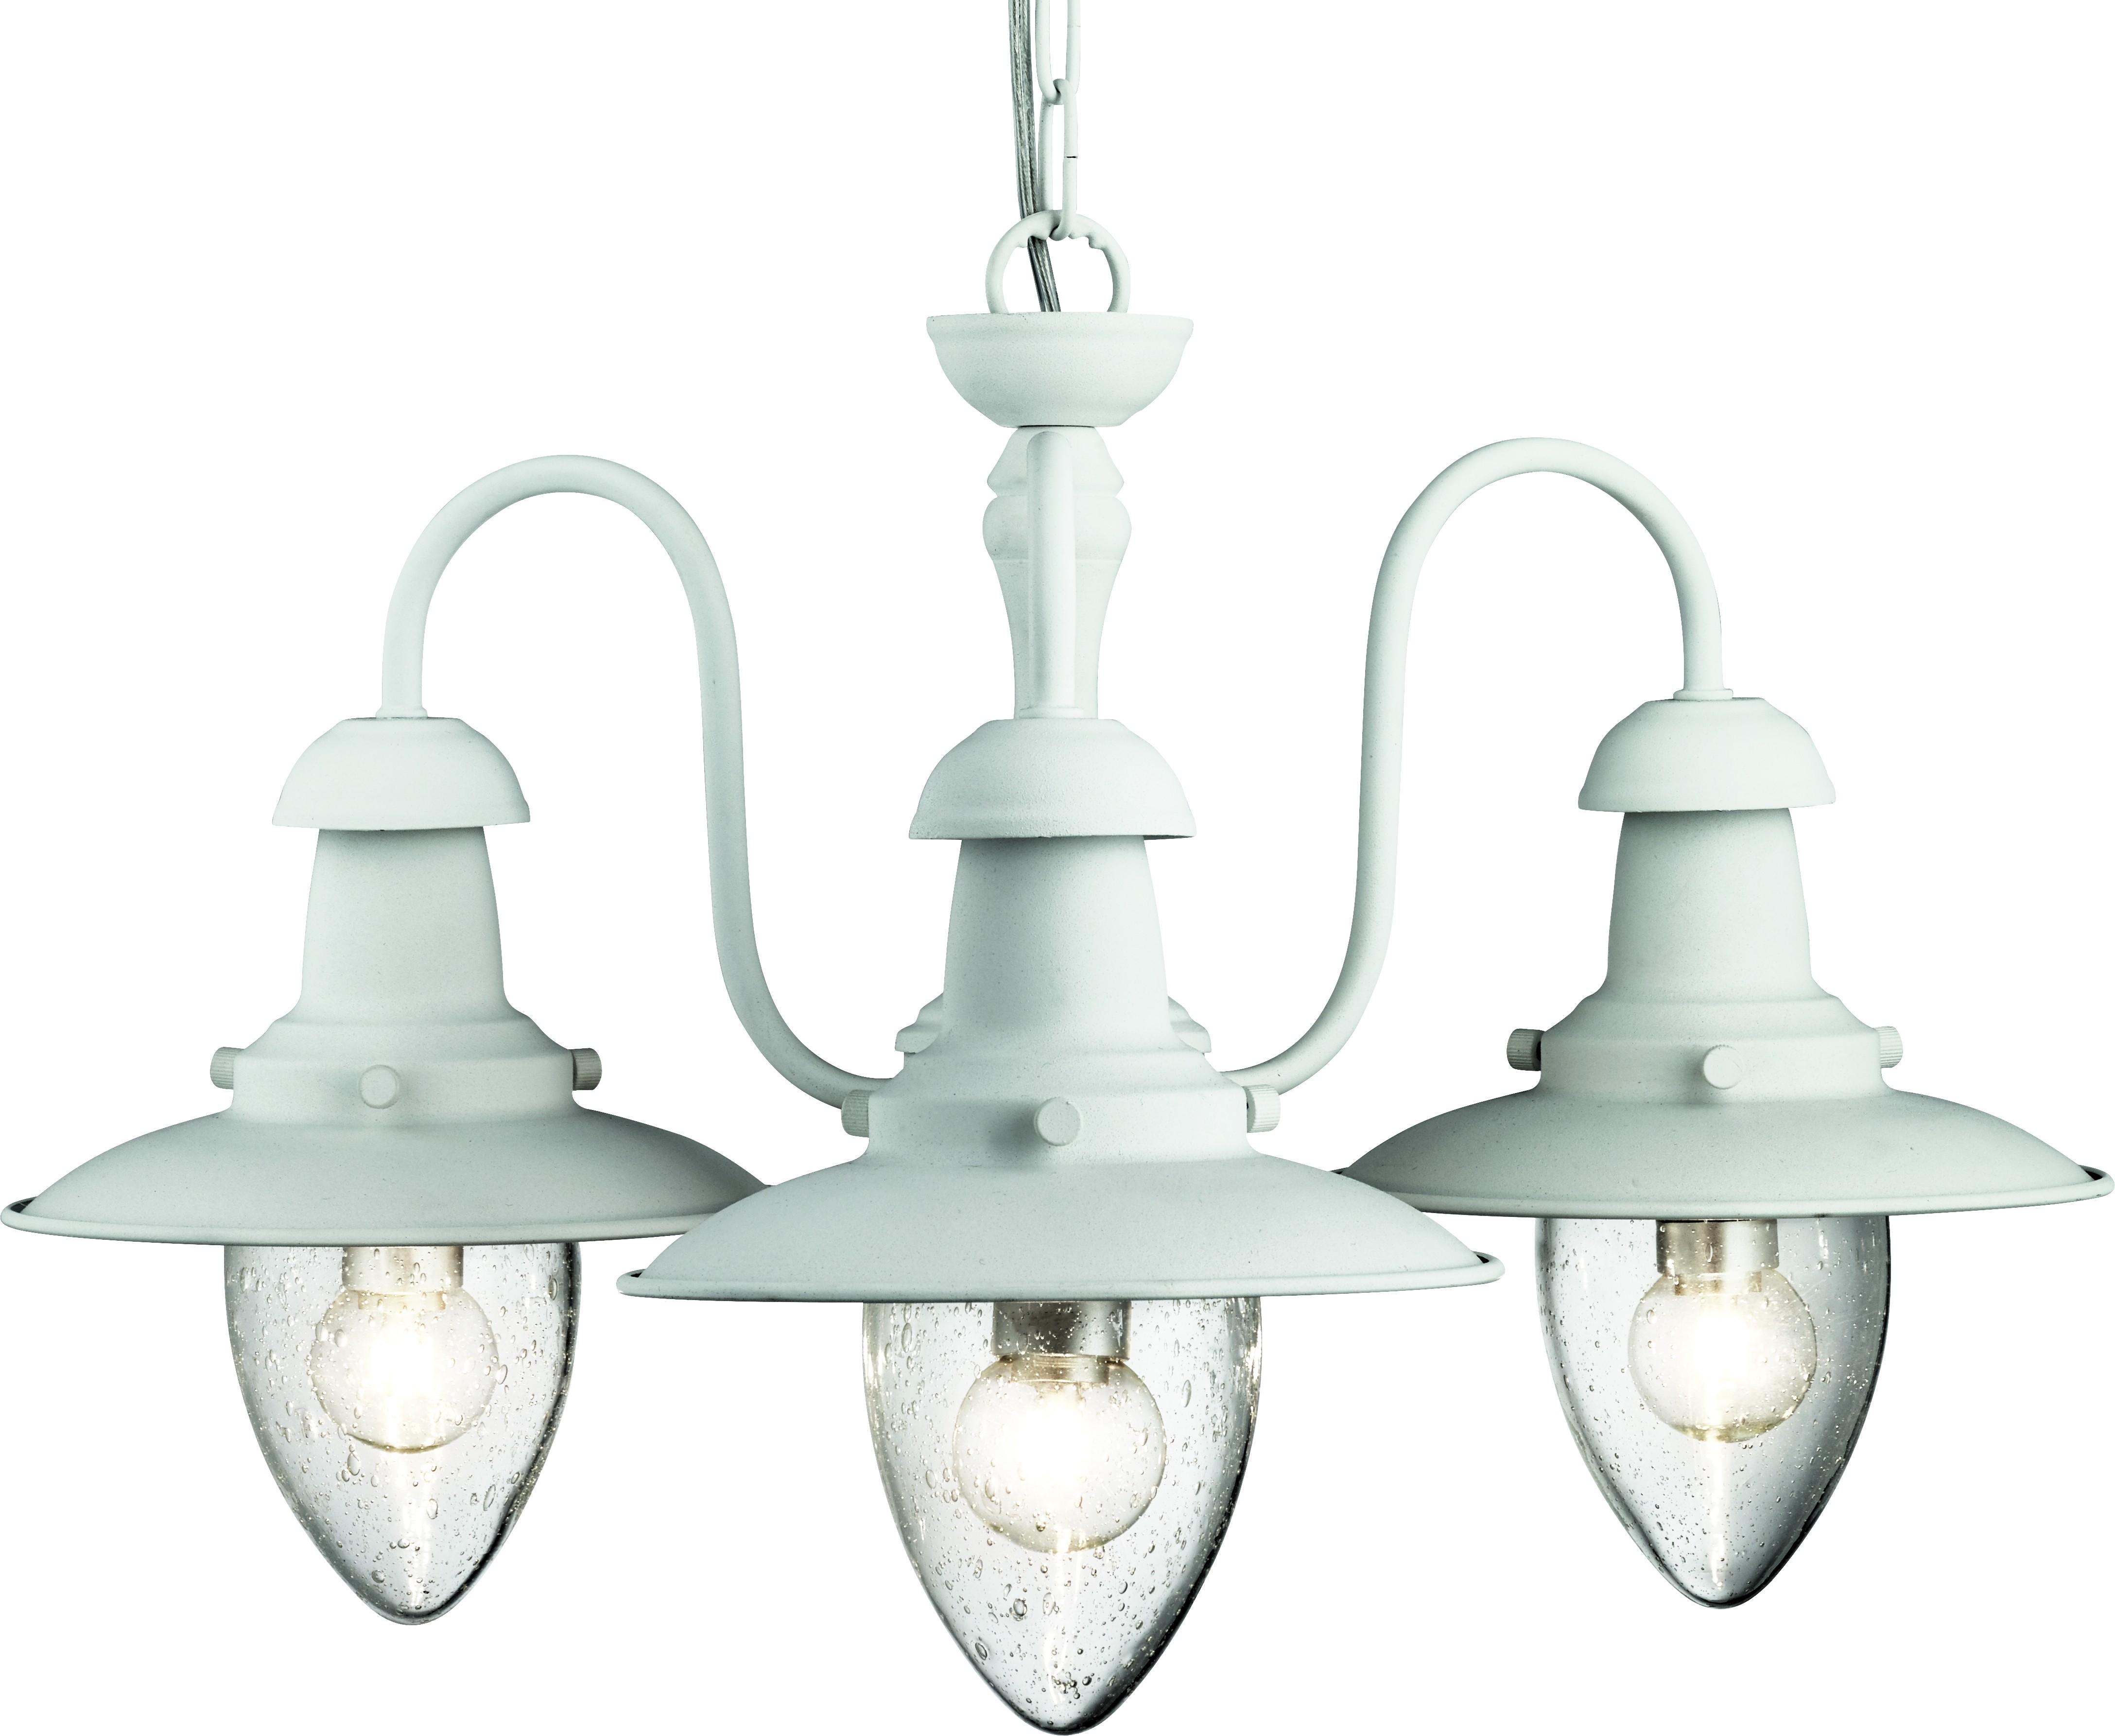 Купить Люстра Arte lamp A5518lm-3wh